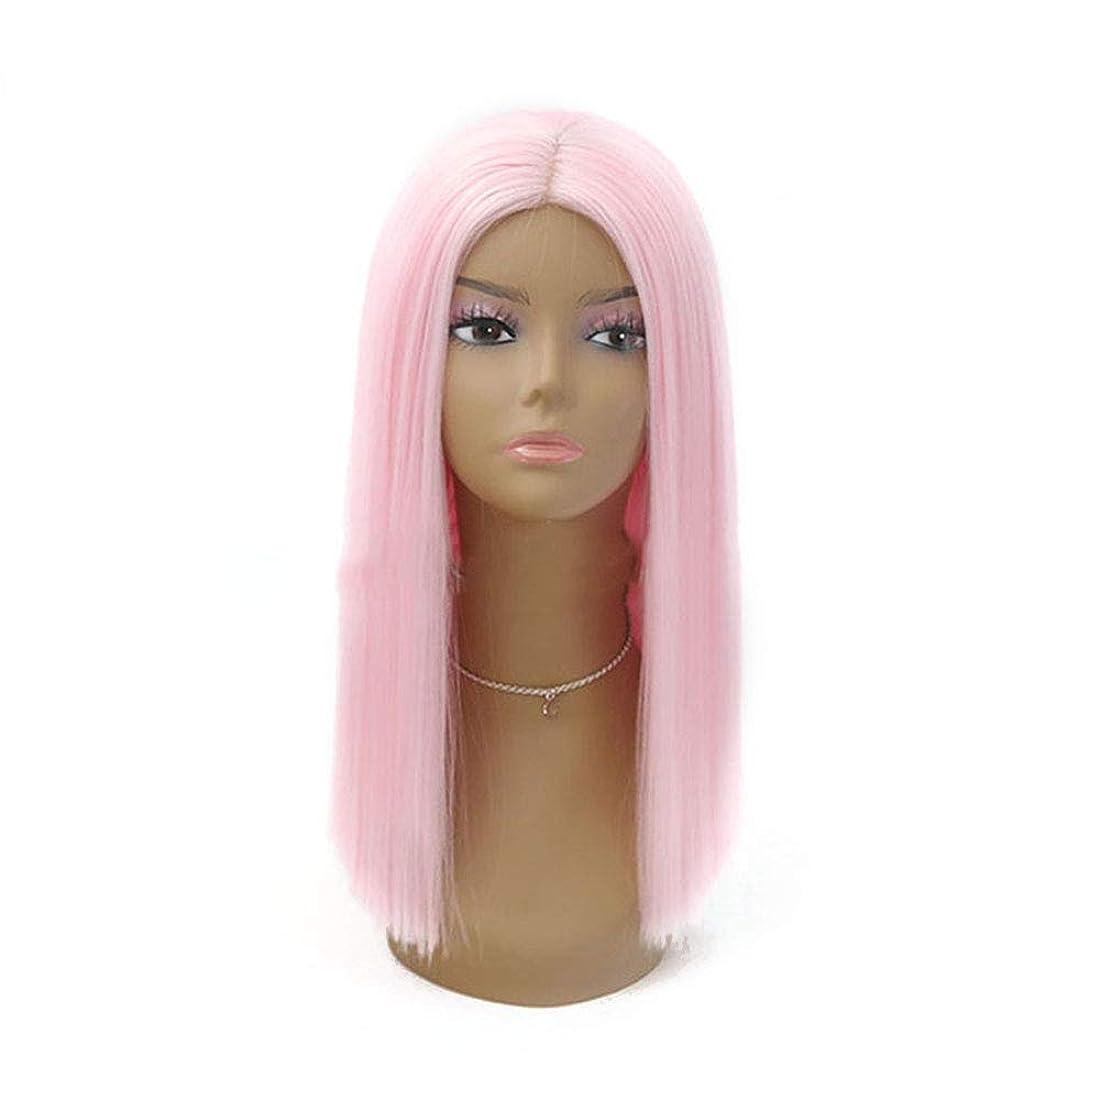 クリーム抑圧するシフトBOBIDYEE フロントレースウィッグ、女性用ケミカルファイバーヘアー、ライトピンクボブ、ミドルバックル、ロングヘアーウィッグ複合ヘアーレースウィッグロールプレイングウィッグ (色 : Light pink, サイズ : 26 inch)